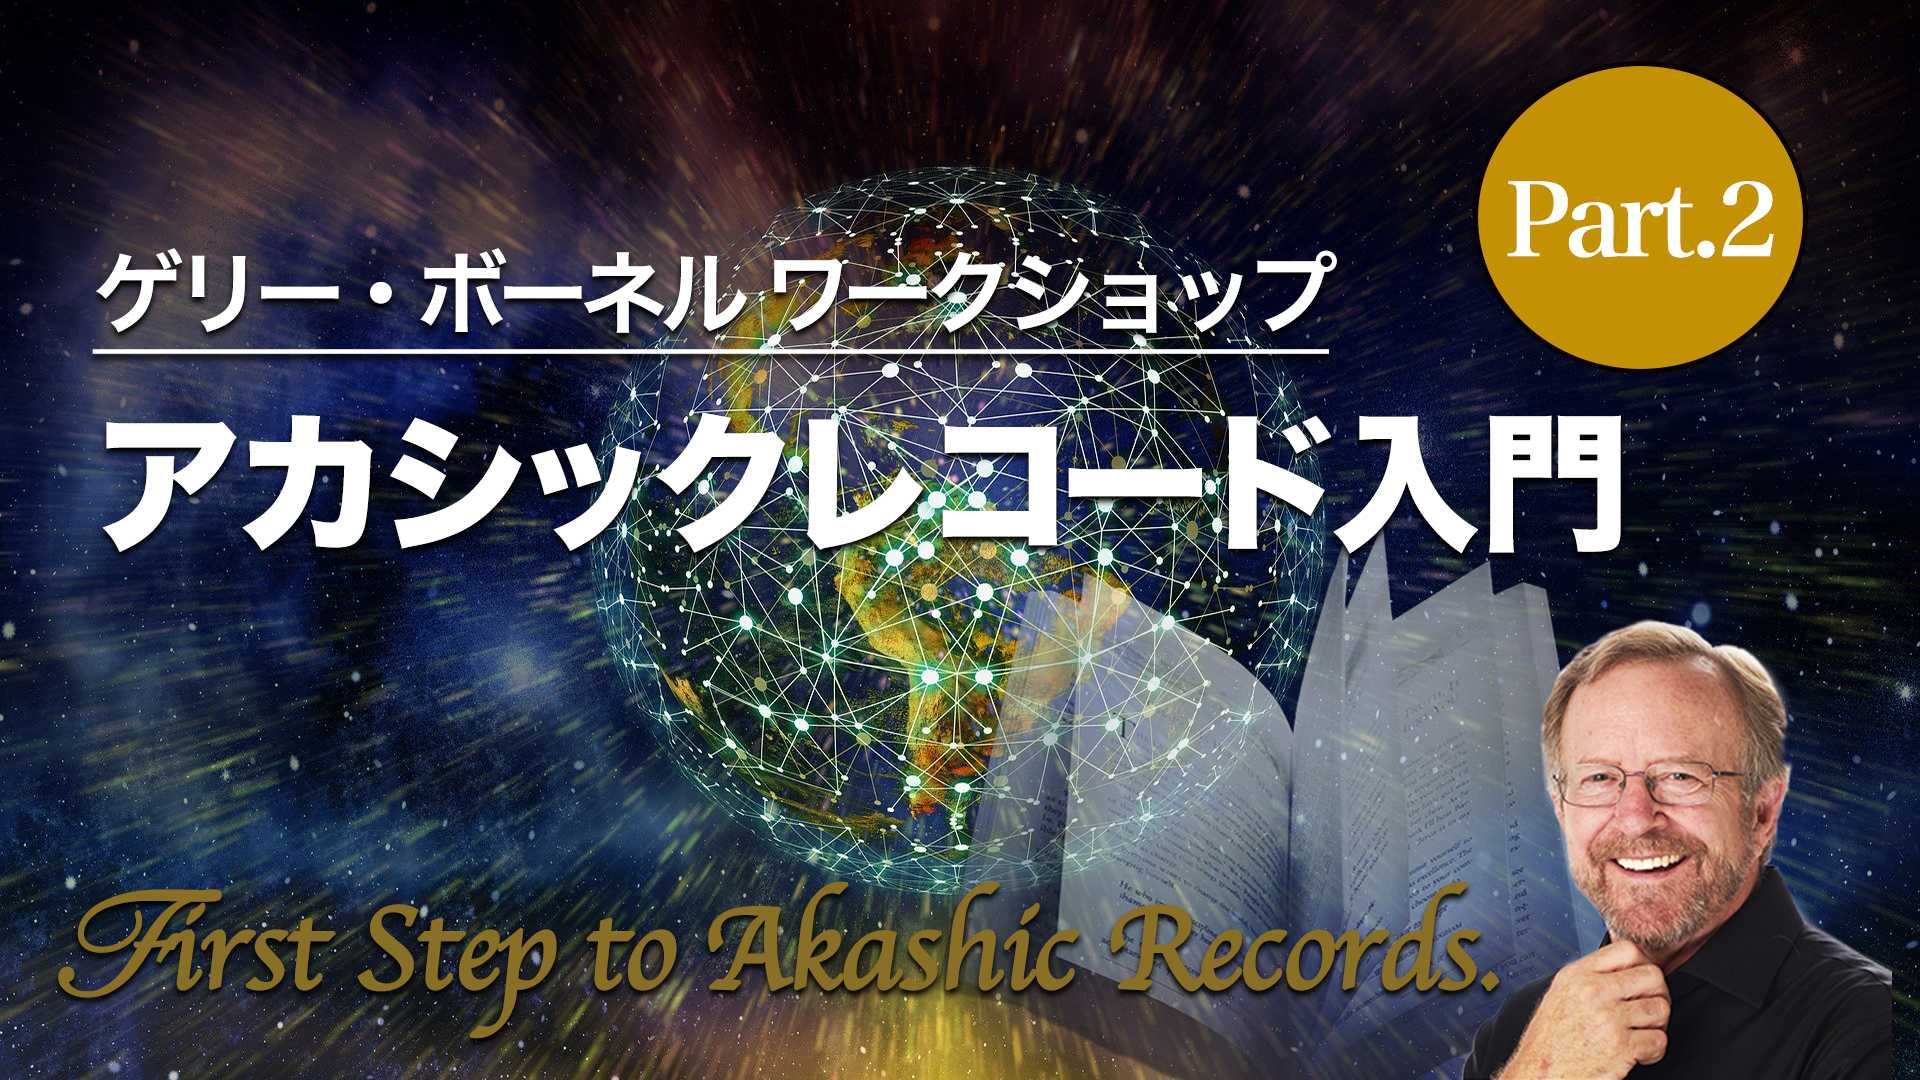 (Part.2)アカシックレコード入門・後編